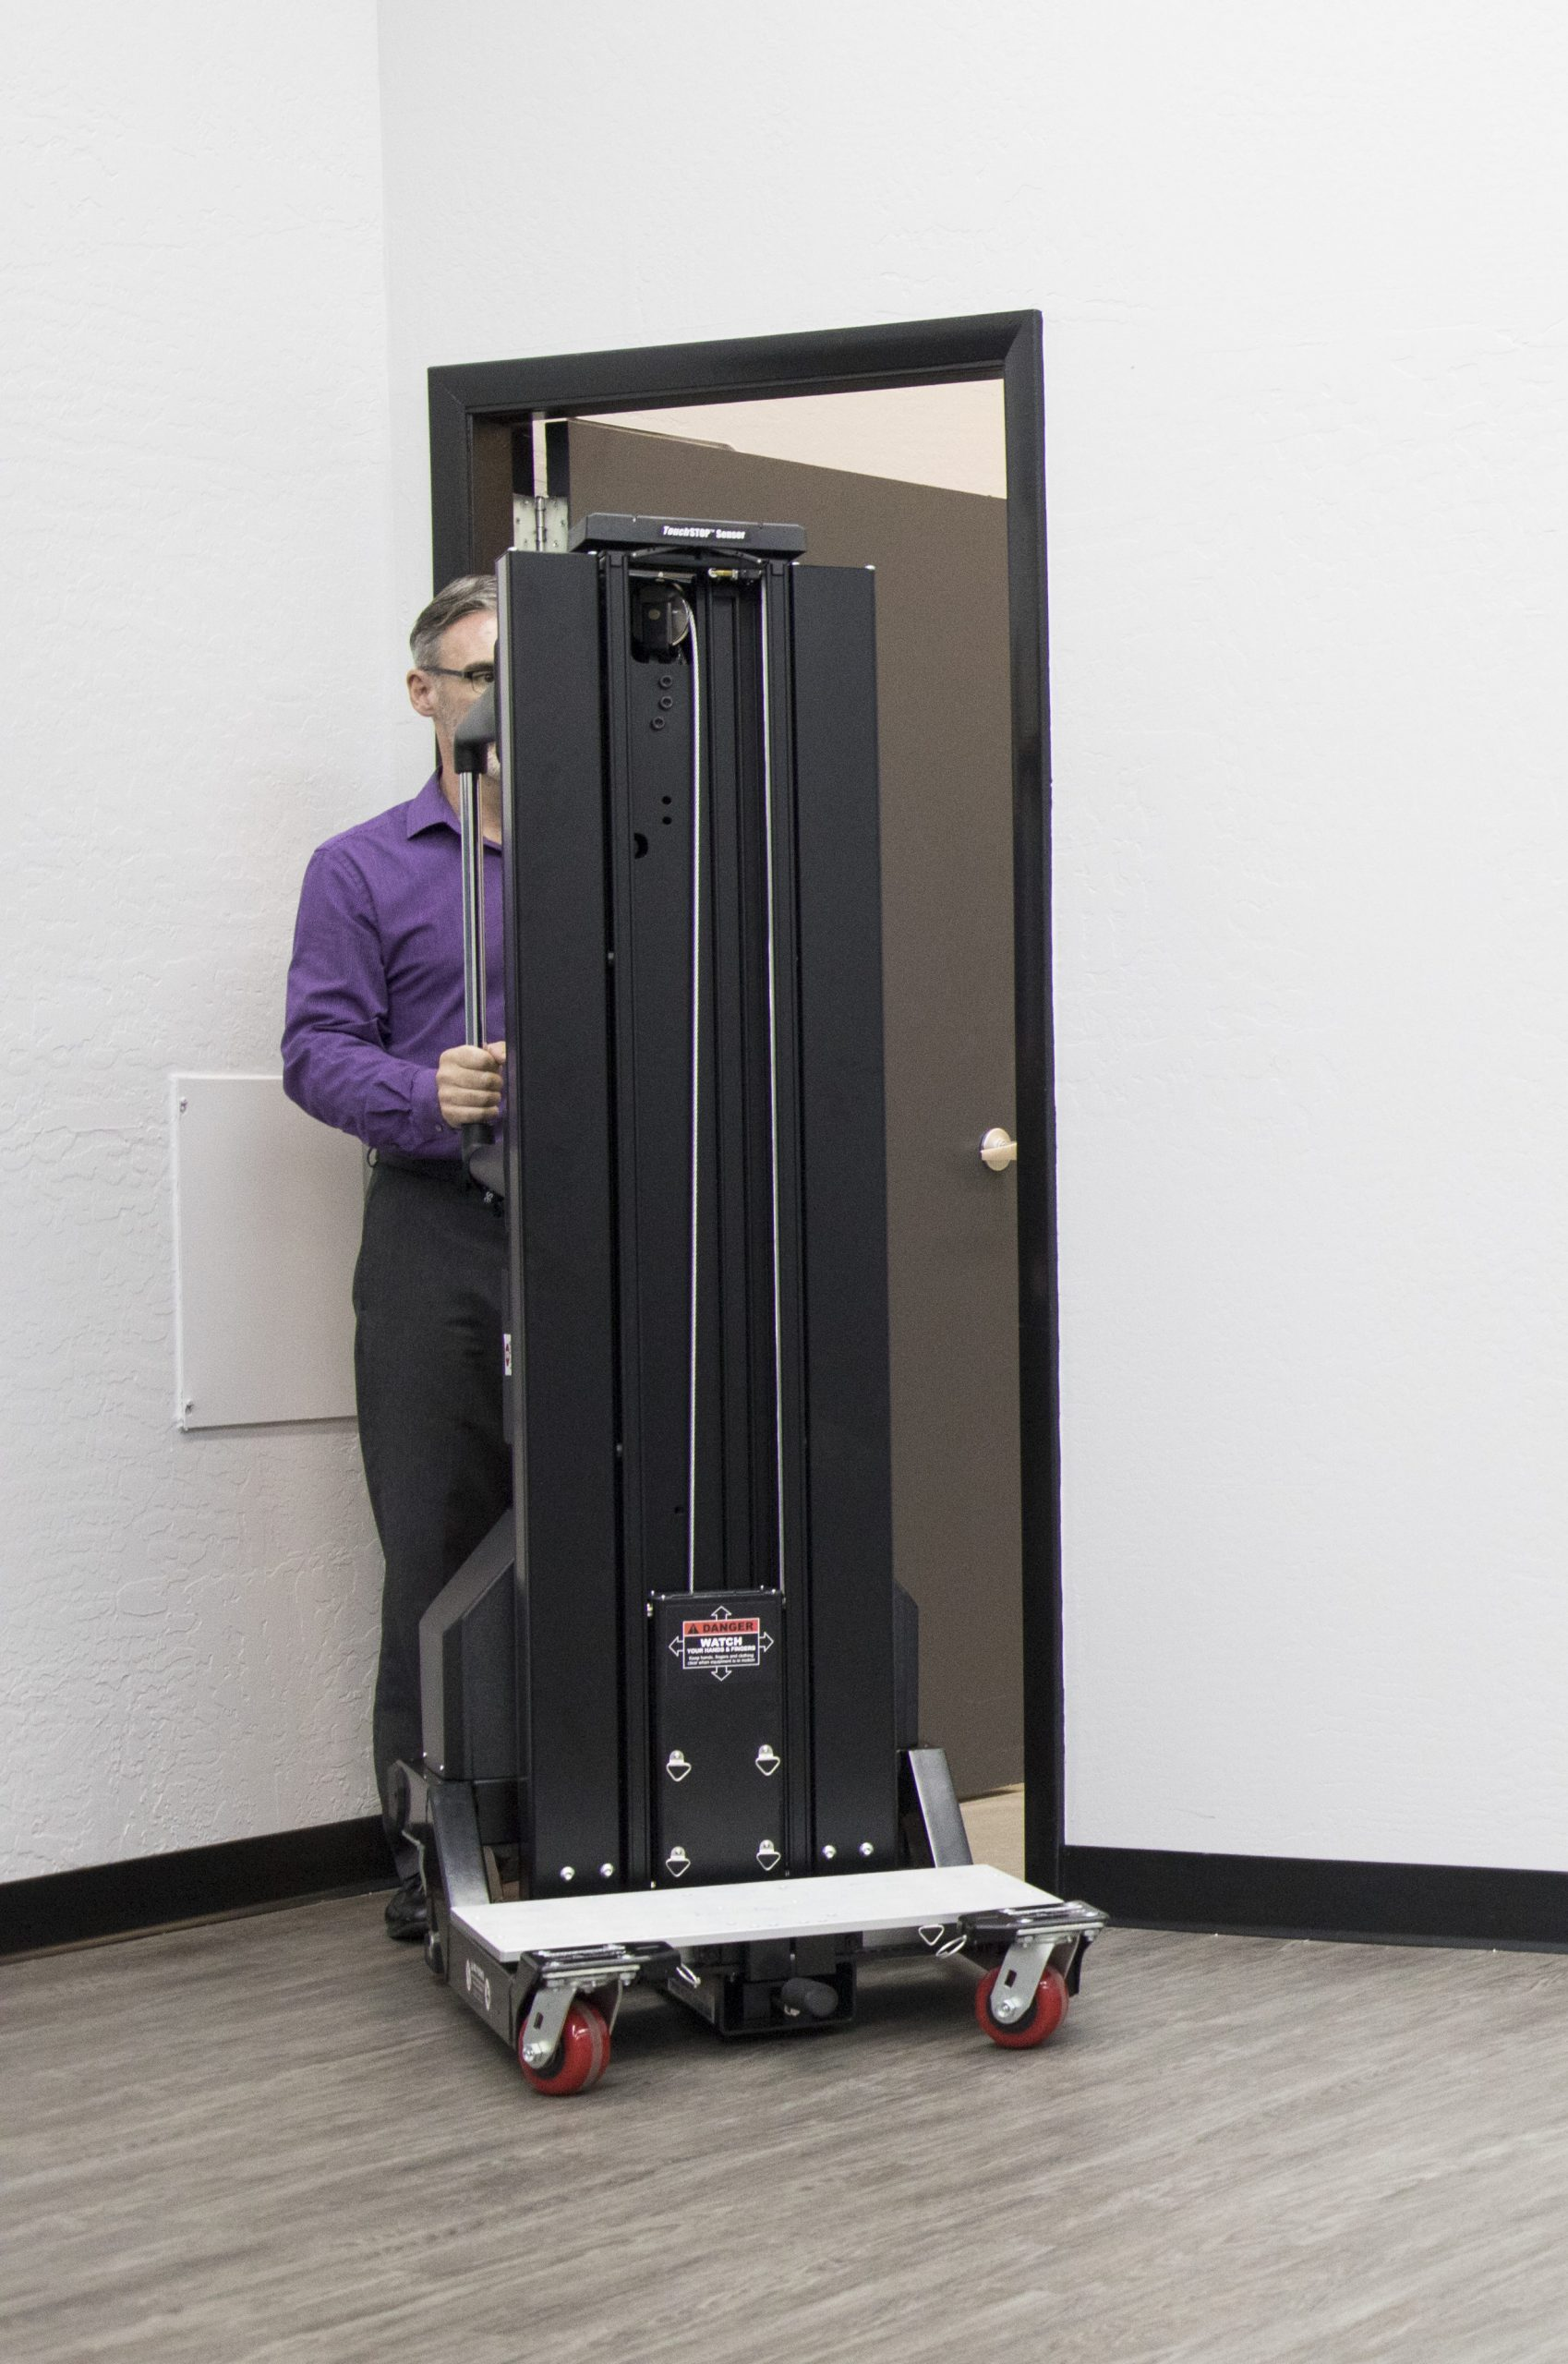 该升降机的纤巧的24英寸(61厘米)底座和超大尺寸的轮子可以平稳地在过道,拐角和坡道上导航,同时为操作员提供足够的空间-即使在最狭窄的数据中心过道中。 ServerLIFT独特的桅杆设计使收回的举升高度保持足够低,以适合标准尺寸的门口和电梯。